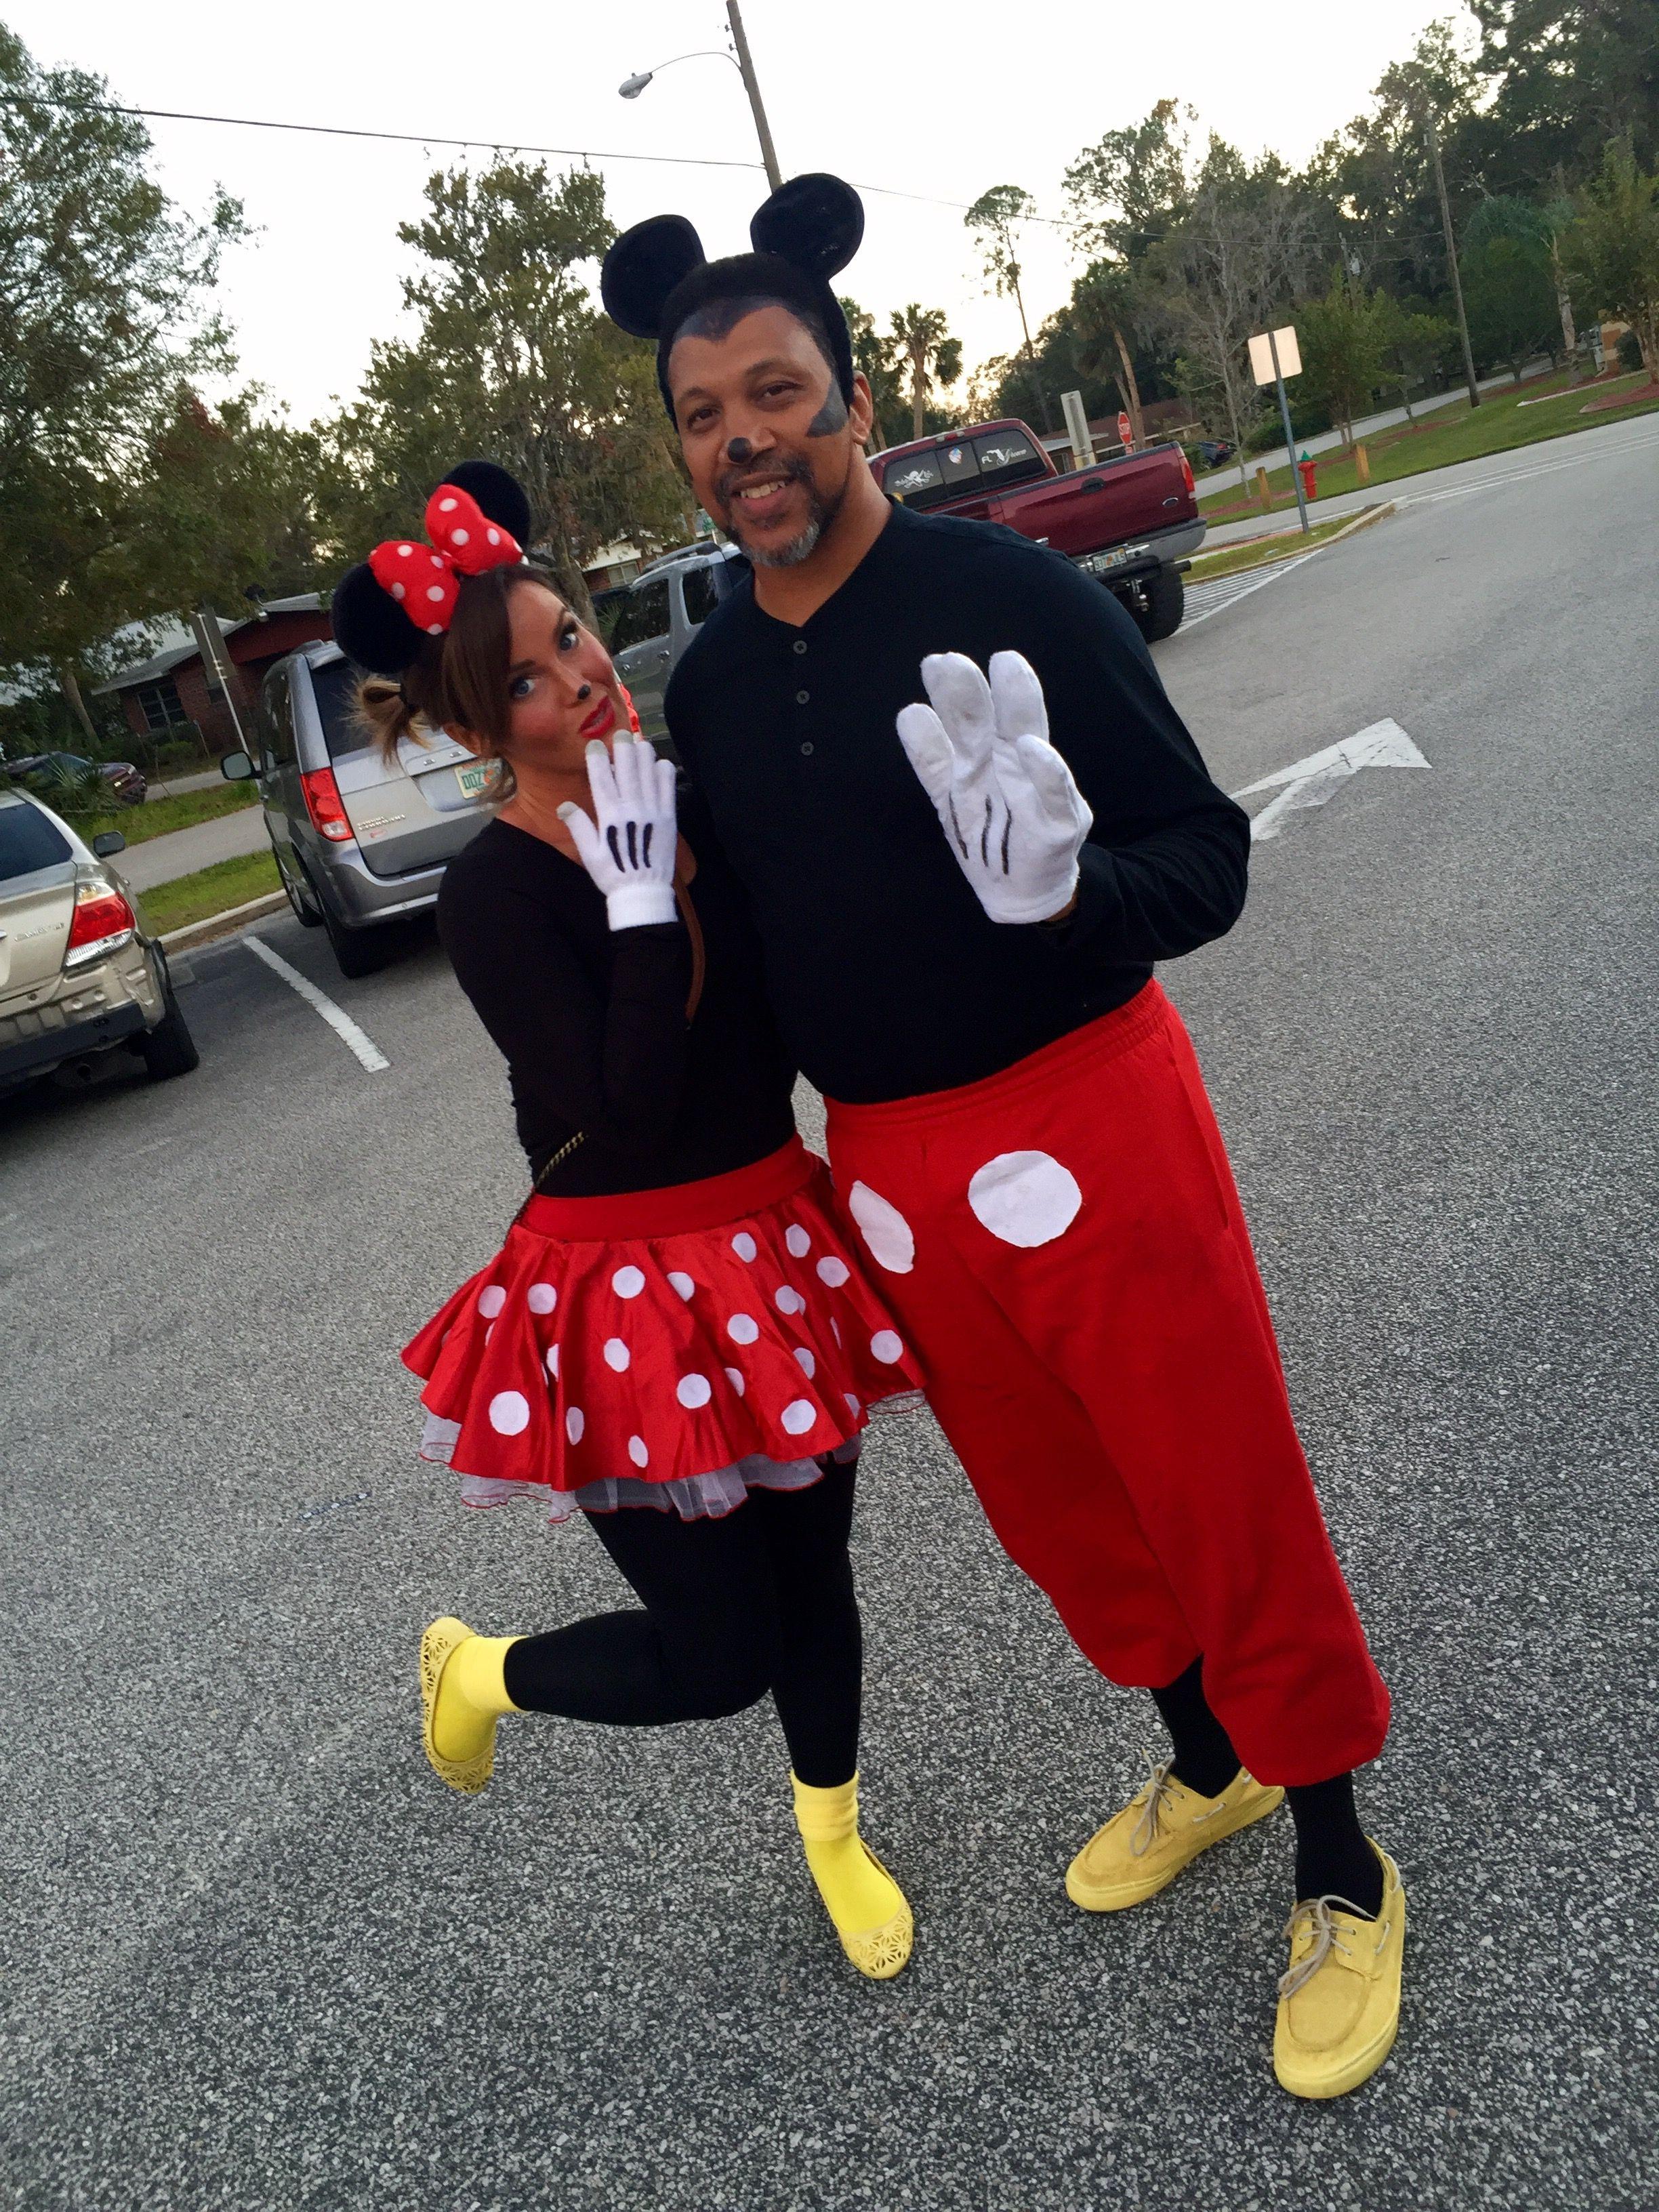 DIY Mickey and Minnie Mouse Halloween costumes | Disfraces sencillos para  adultos, Disfraces de halloween diy, Disfraces